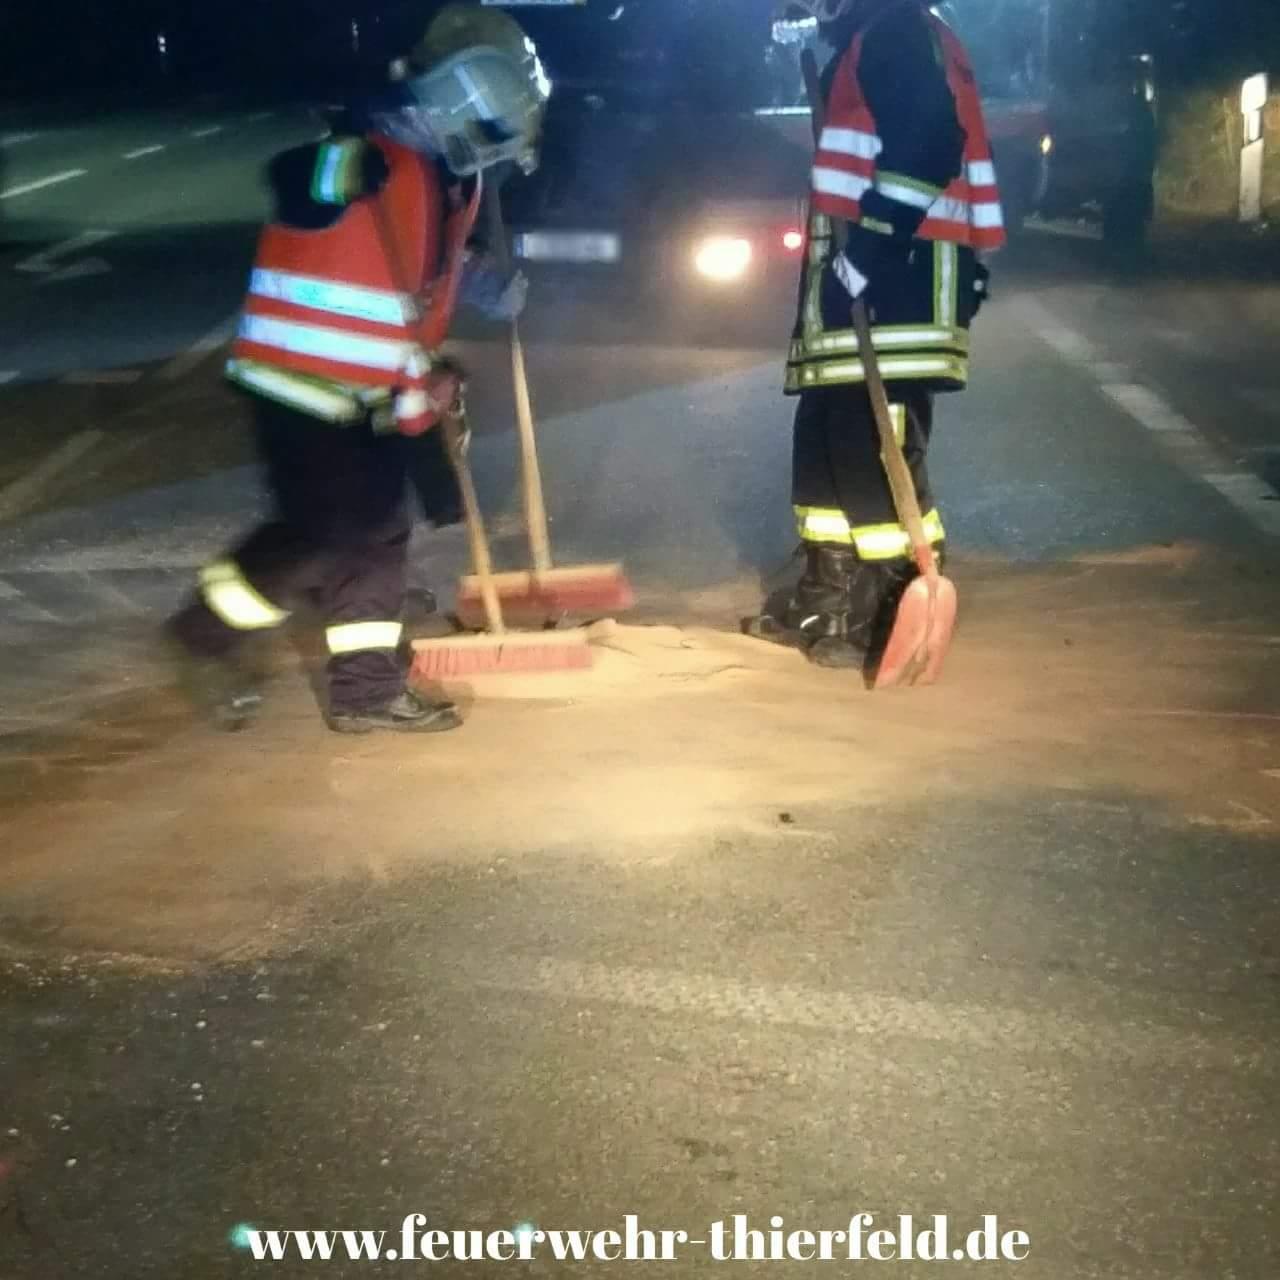 Einsatz 18: Verkehrsunfall mit auslaufenden Betriebsmitteln